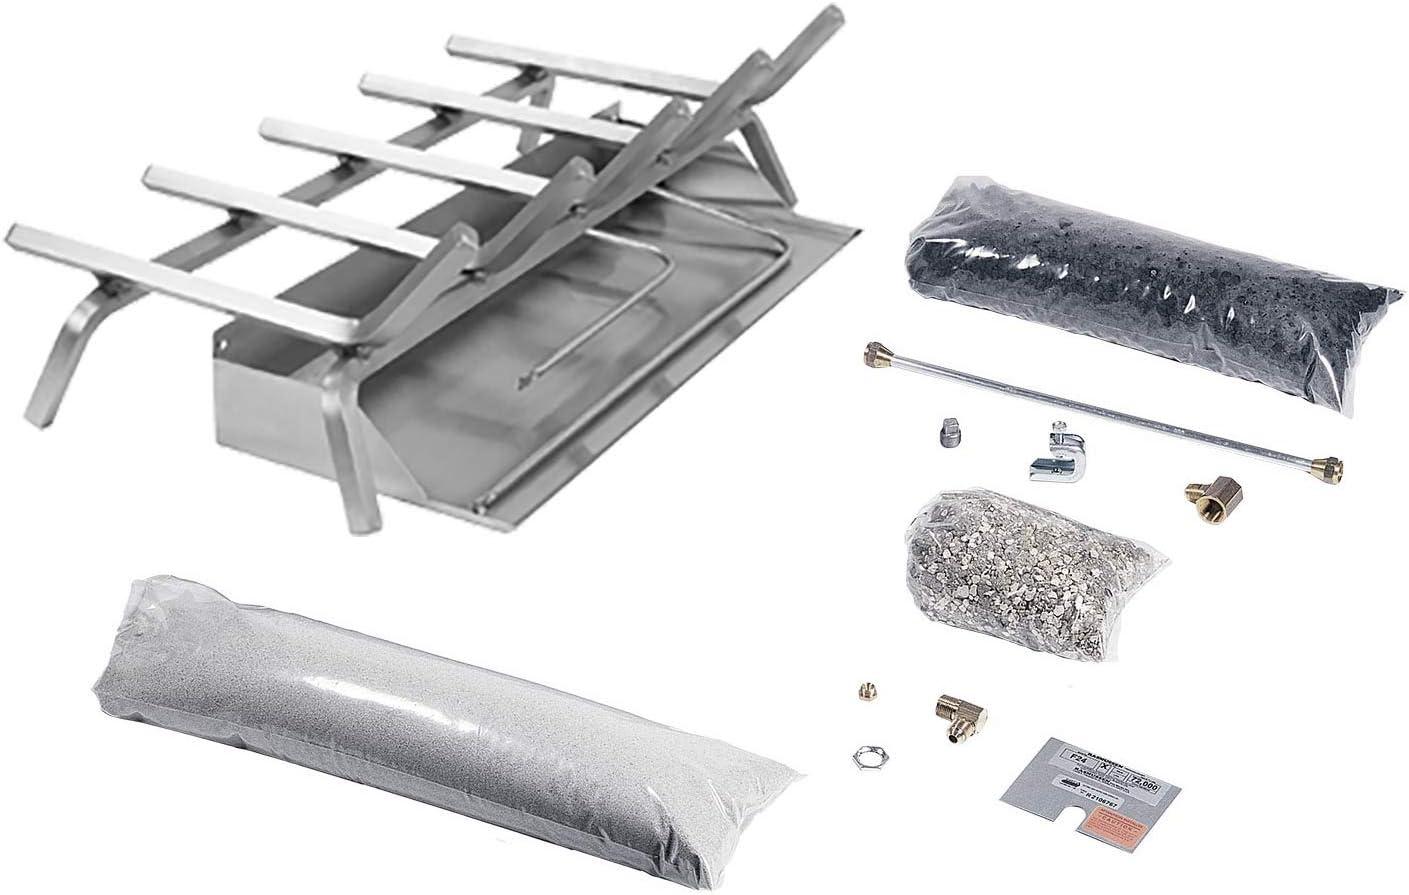 Rasmussen Flaming Spasm price Ember Xtra Stainless Ki Steel Grate Weekly update Burner and